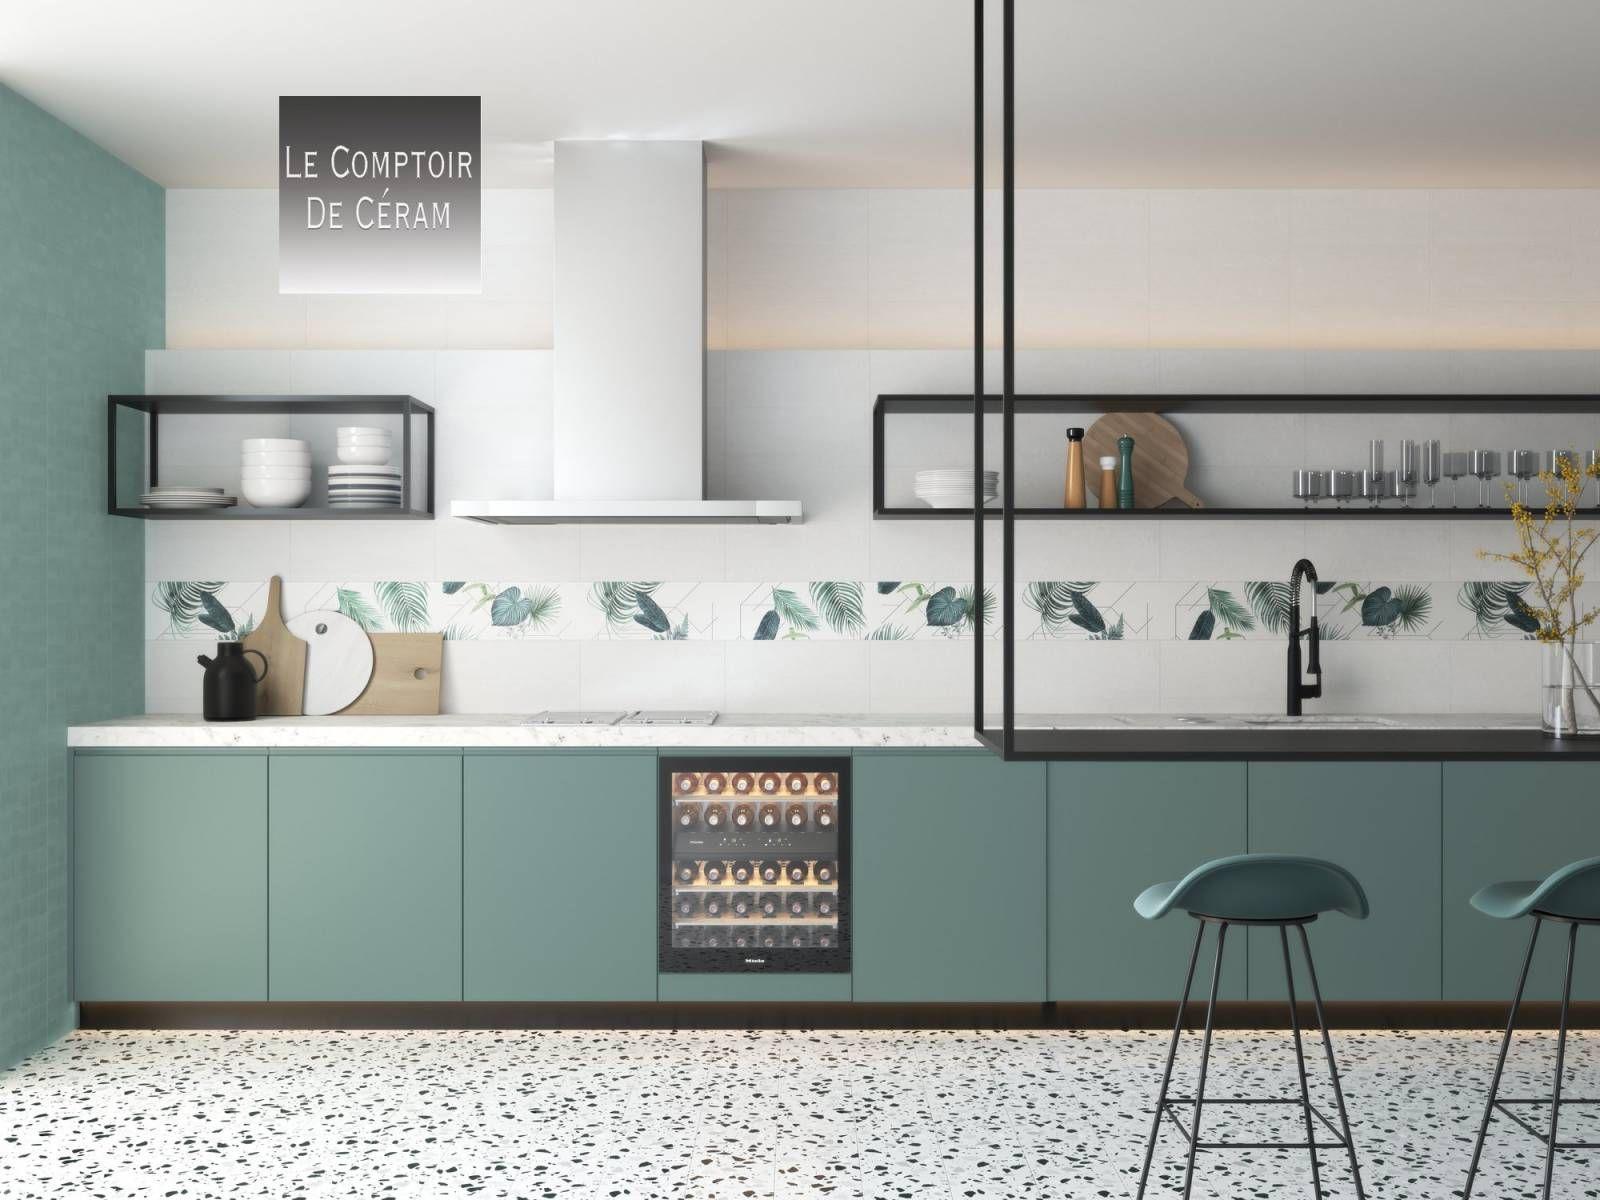 Carrelage Effet Terrazzo Mur Et Sol 20 X 20 Cm Avec Ou Sans Motifs Jacou Gf4 Vente De Carrelag En 2020 Designs De Petite Cuisine Interieur De Cuisine Salle De Sejour